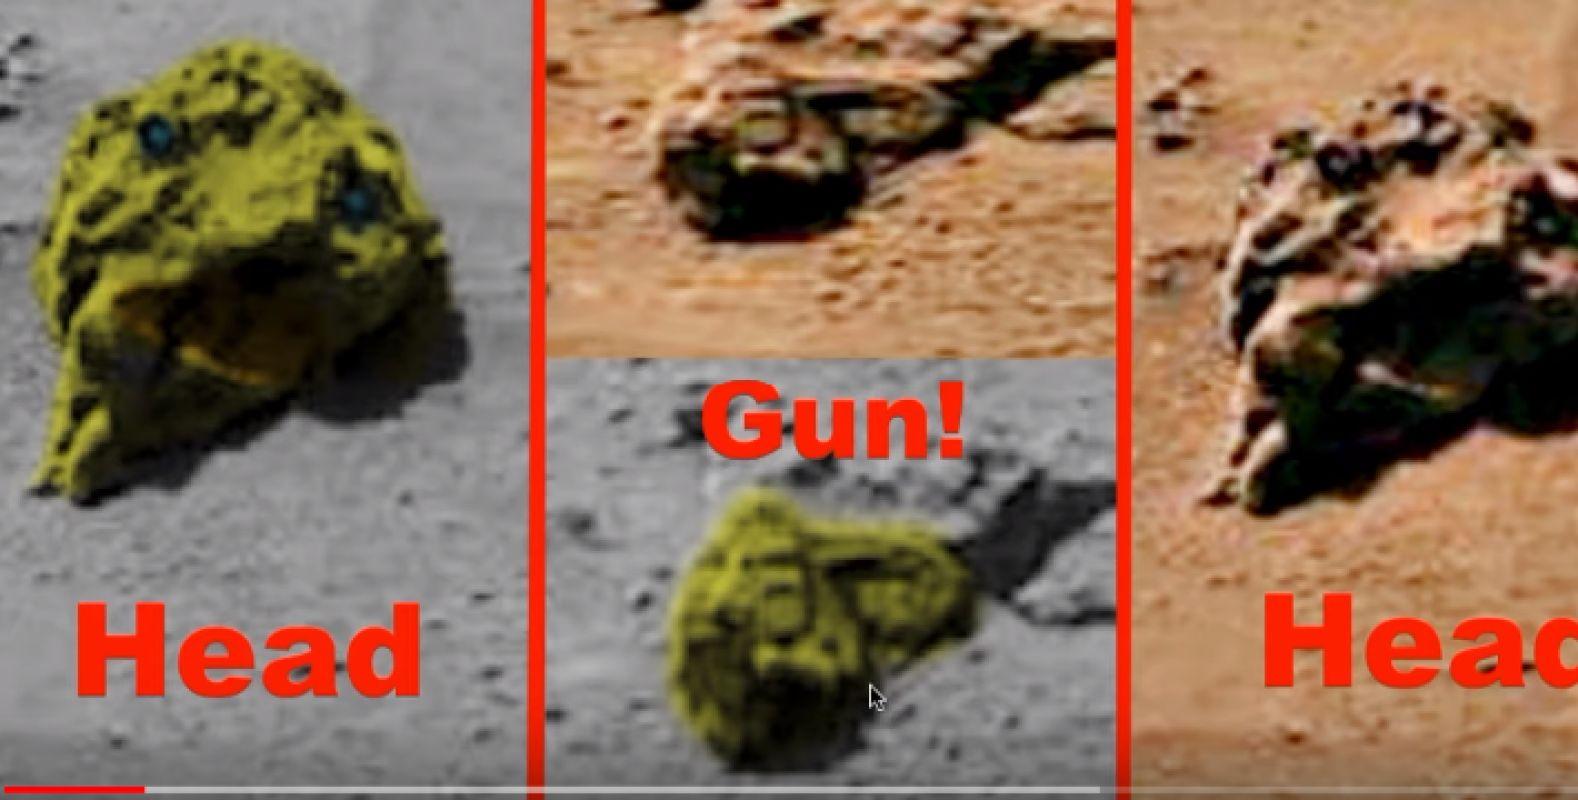 Уфолог уверен, что он нашёл на Марсе отрубленные головы пришельцев и пистолет, есть фото и видео